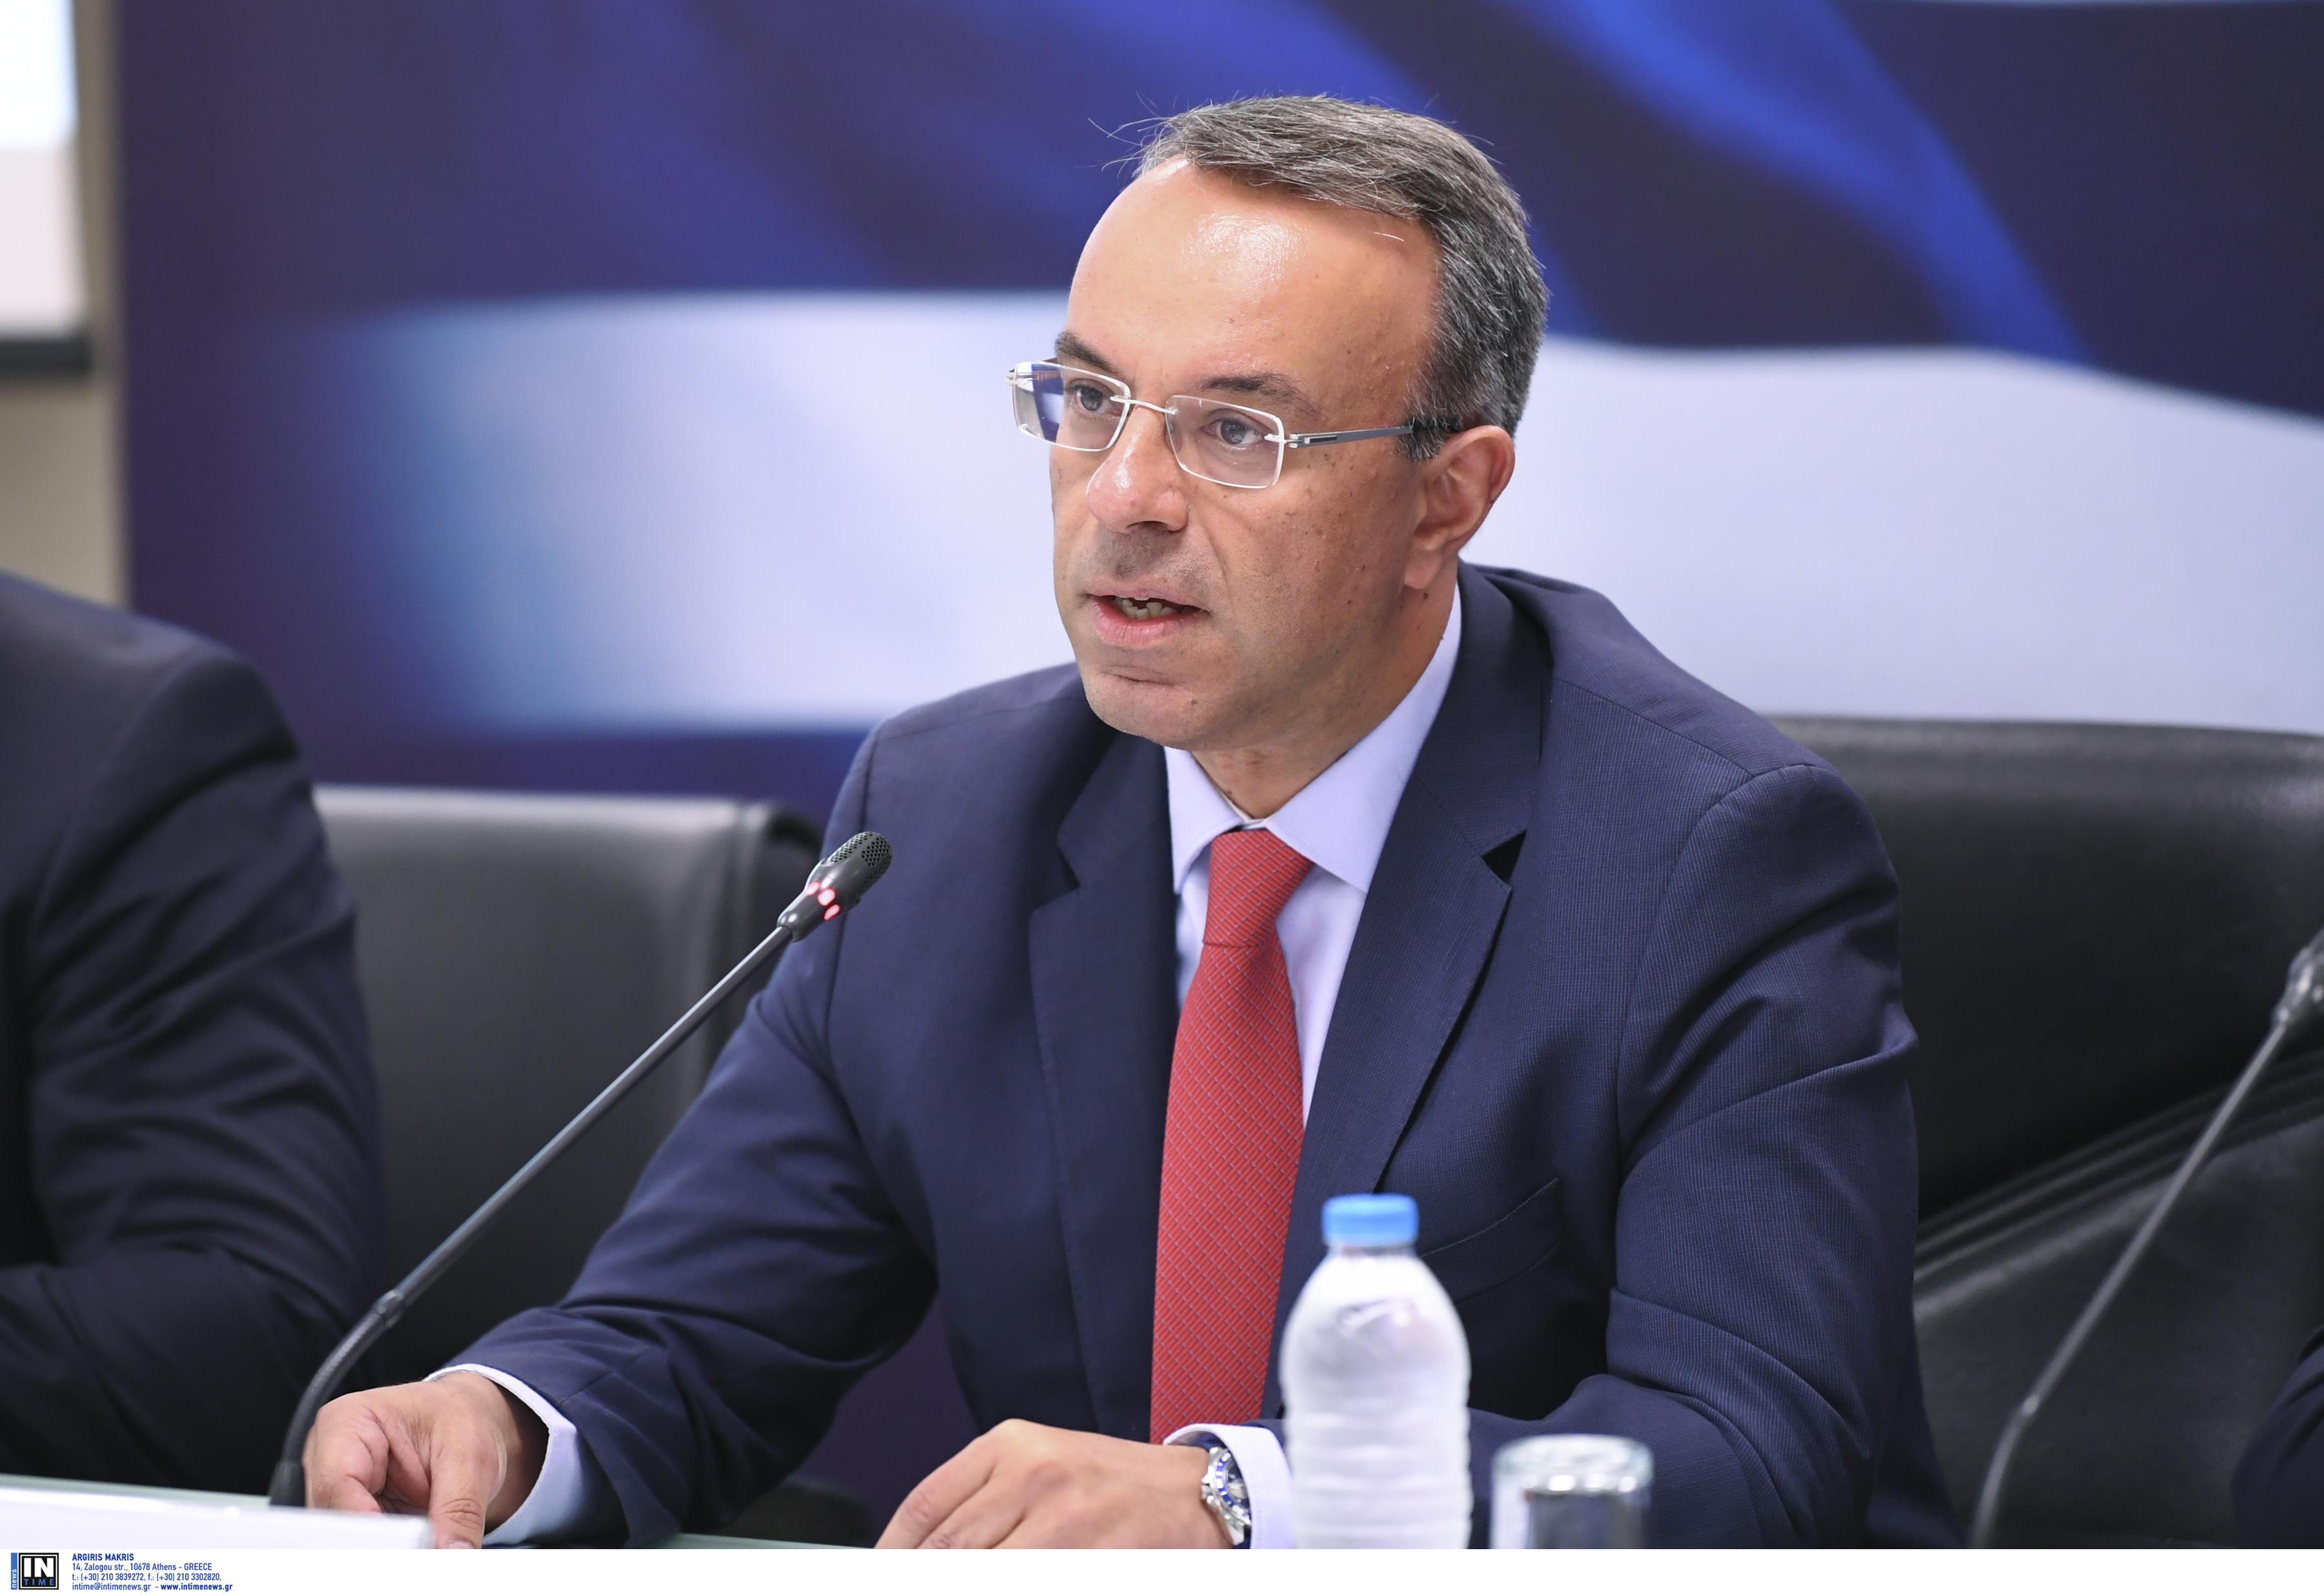 Σταϊκούρας: Δεν υπάρχει δυνατότητα να δοθεί κανονικά η 13η σύνταξη